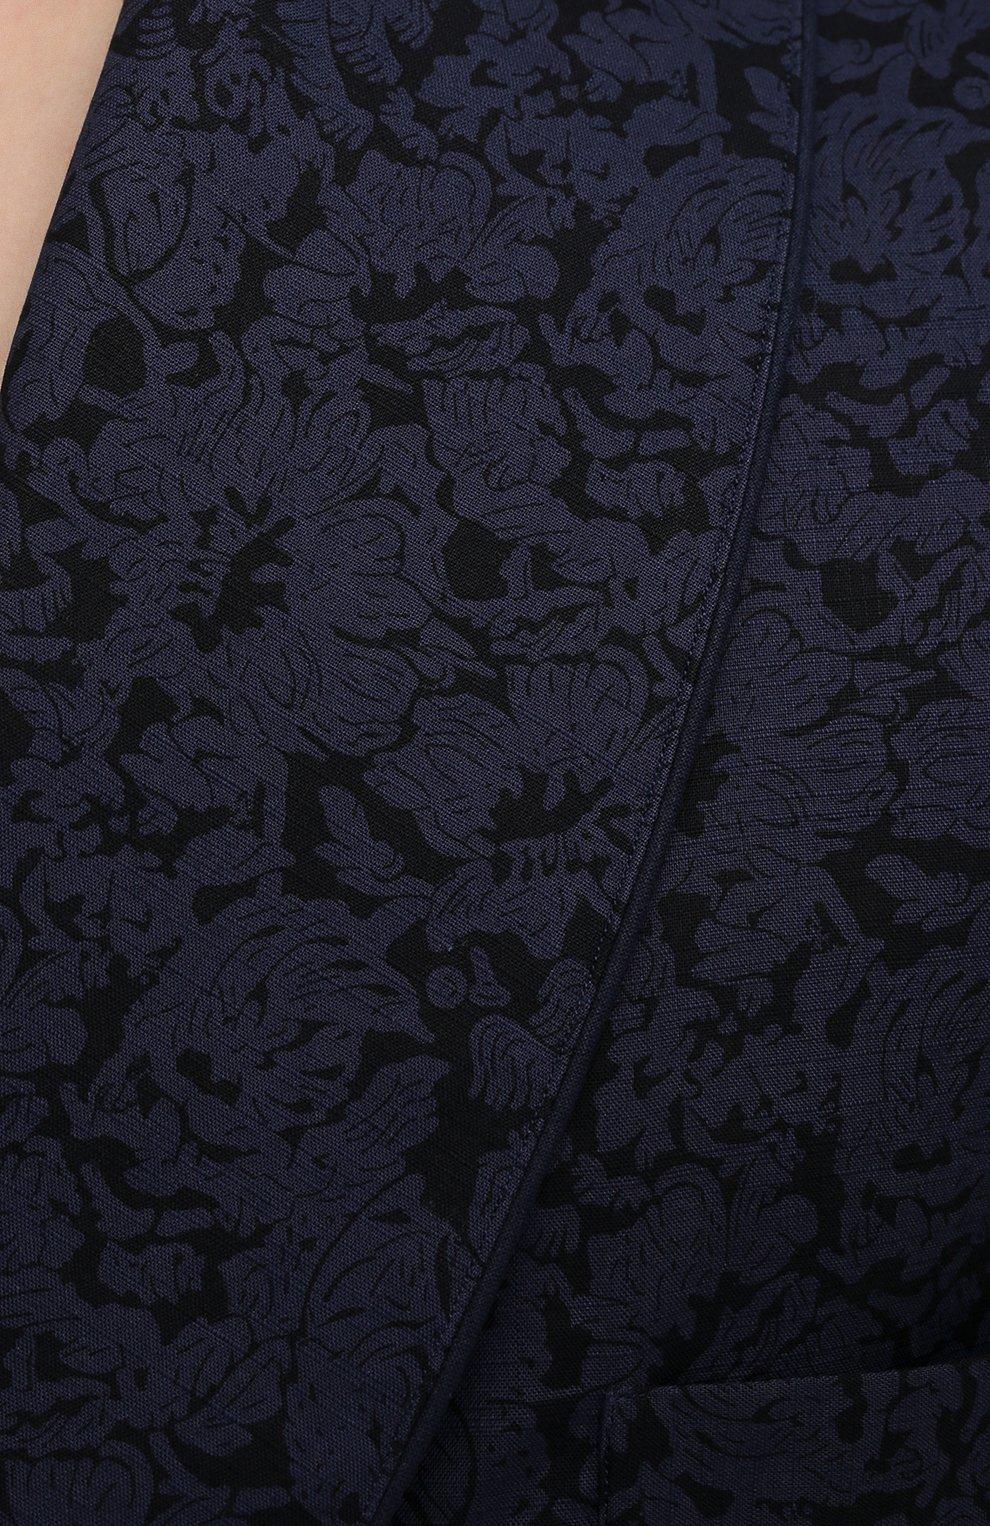 Мужской хлопковый халат ROBERTO RICETTI темно-синего цвета, арт. VESTAGLIA R0BE/C2611 | Фото 4 (Рукава: Длинные; Кросс-КТ: домашняя одежда; Материал внешний: Хлопок; Длина (верхняя одежда): Длинные)